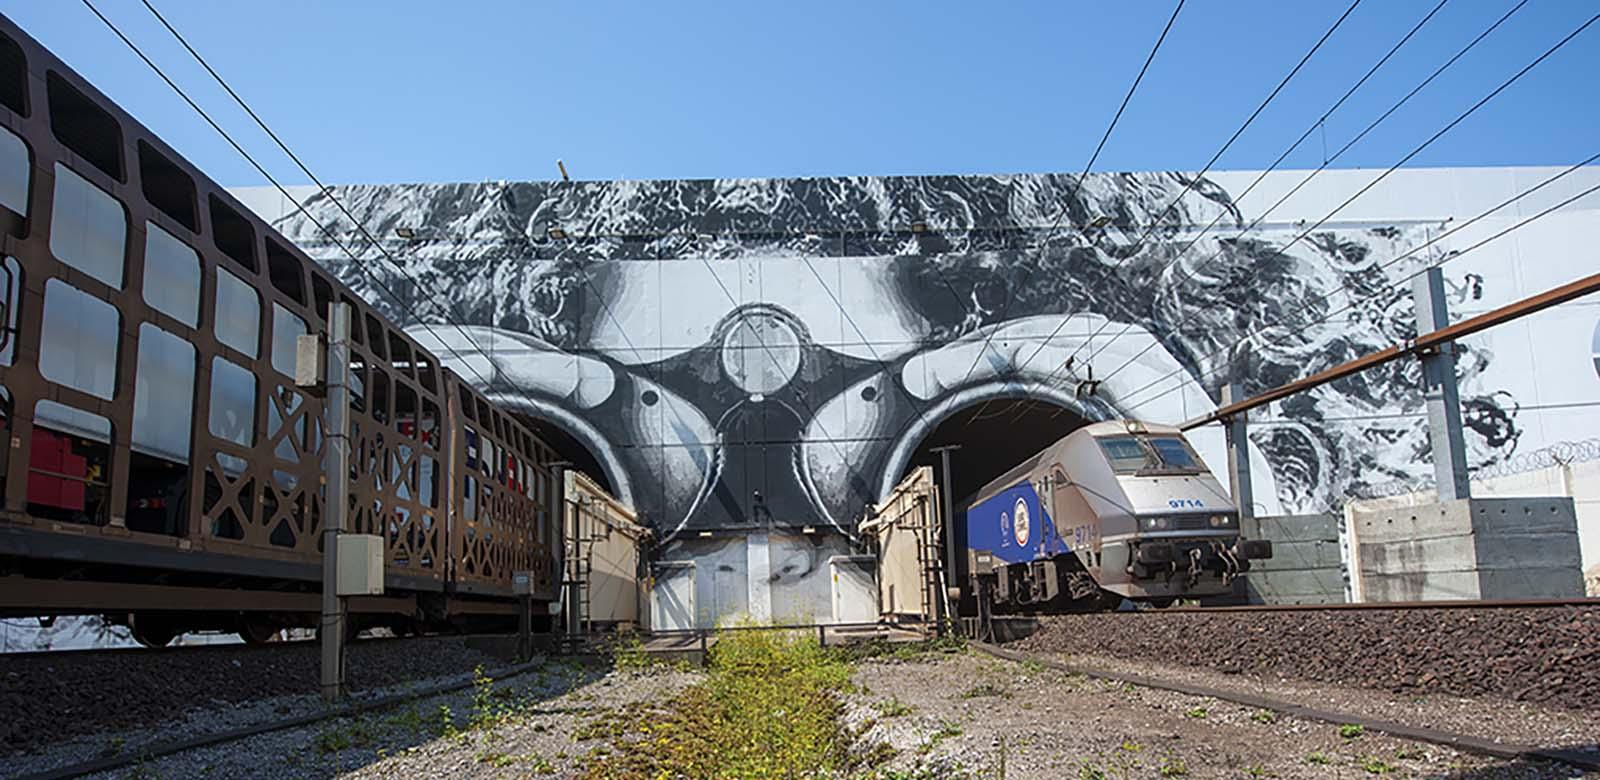 Activités et performances d'Eurotunnel